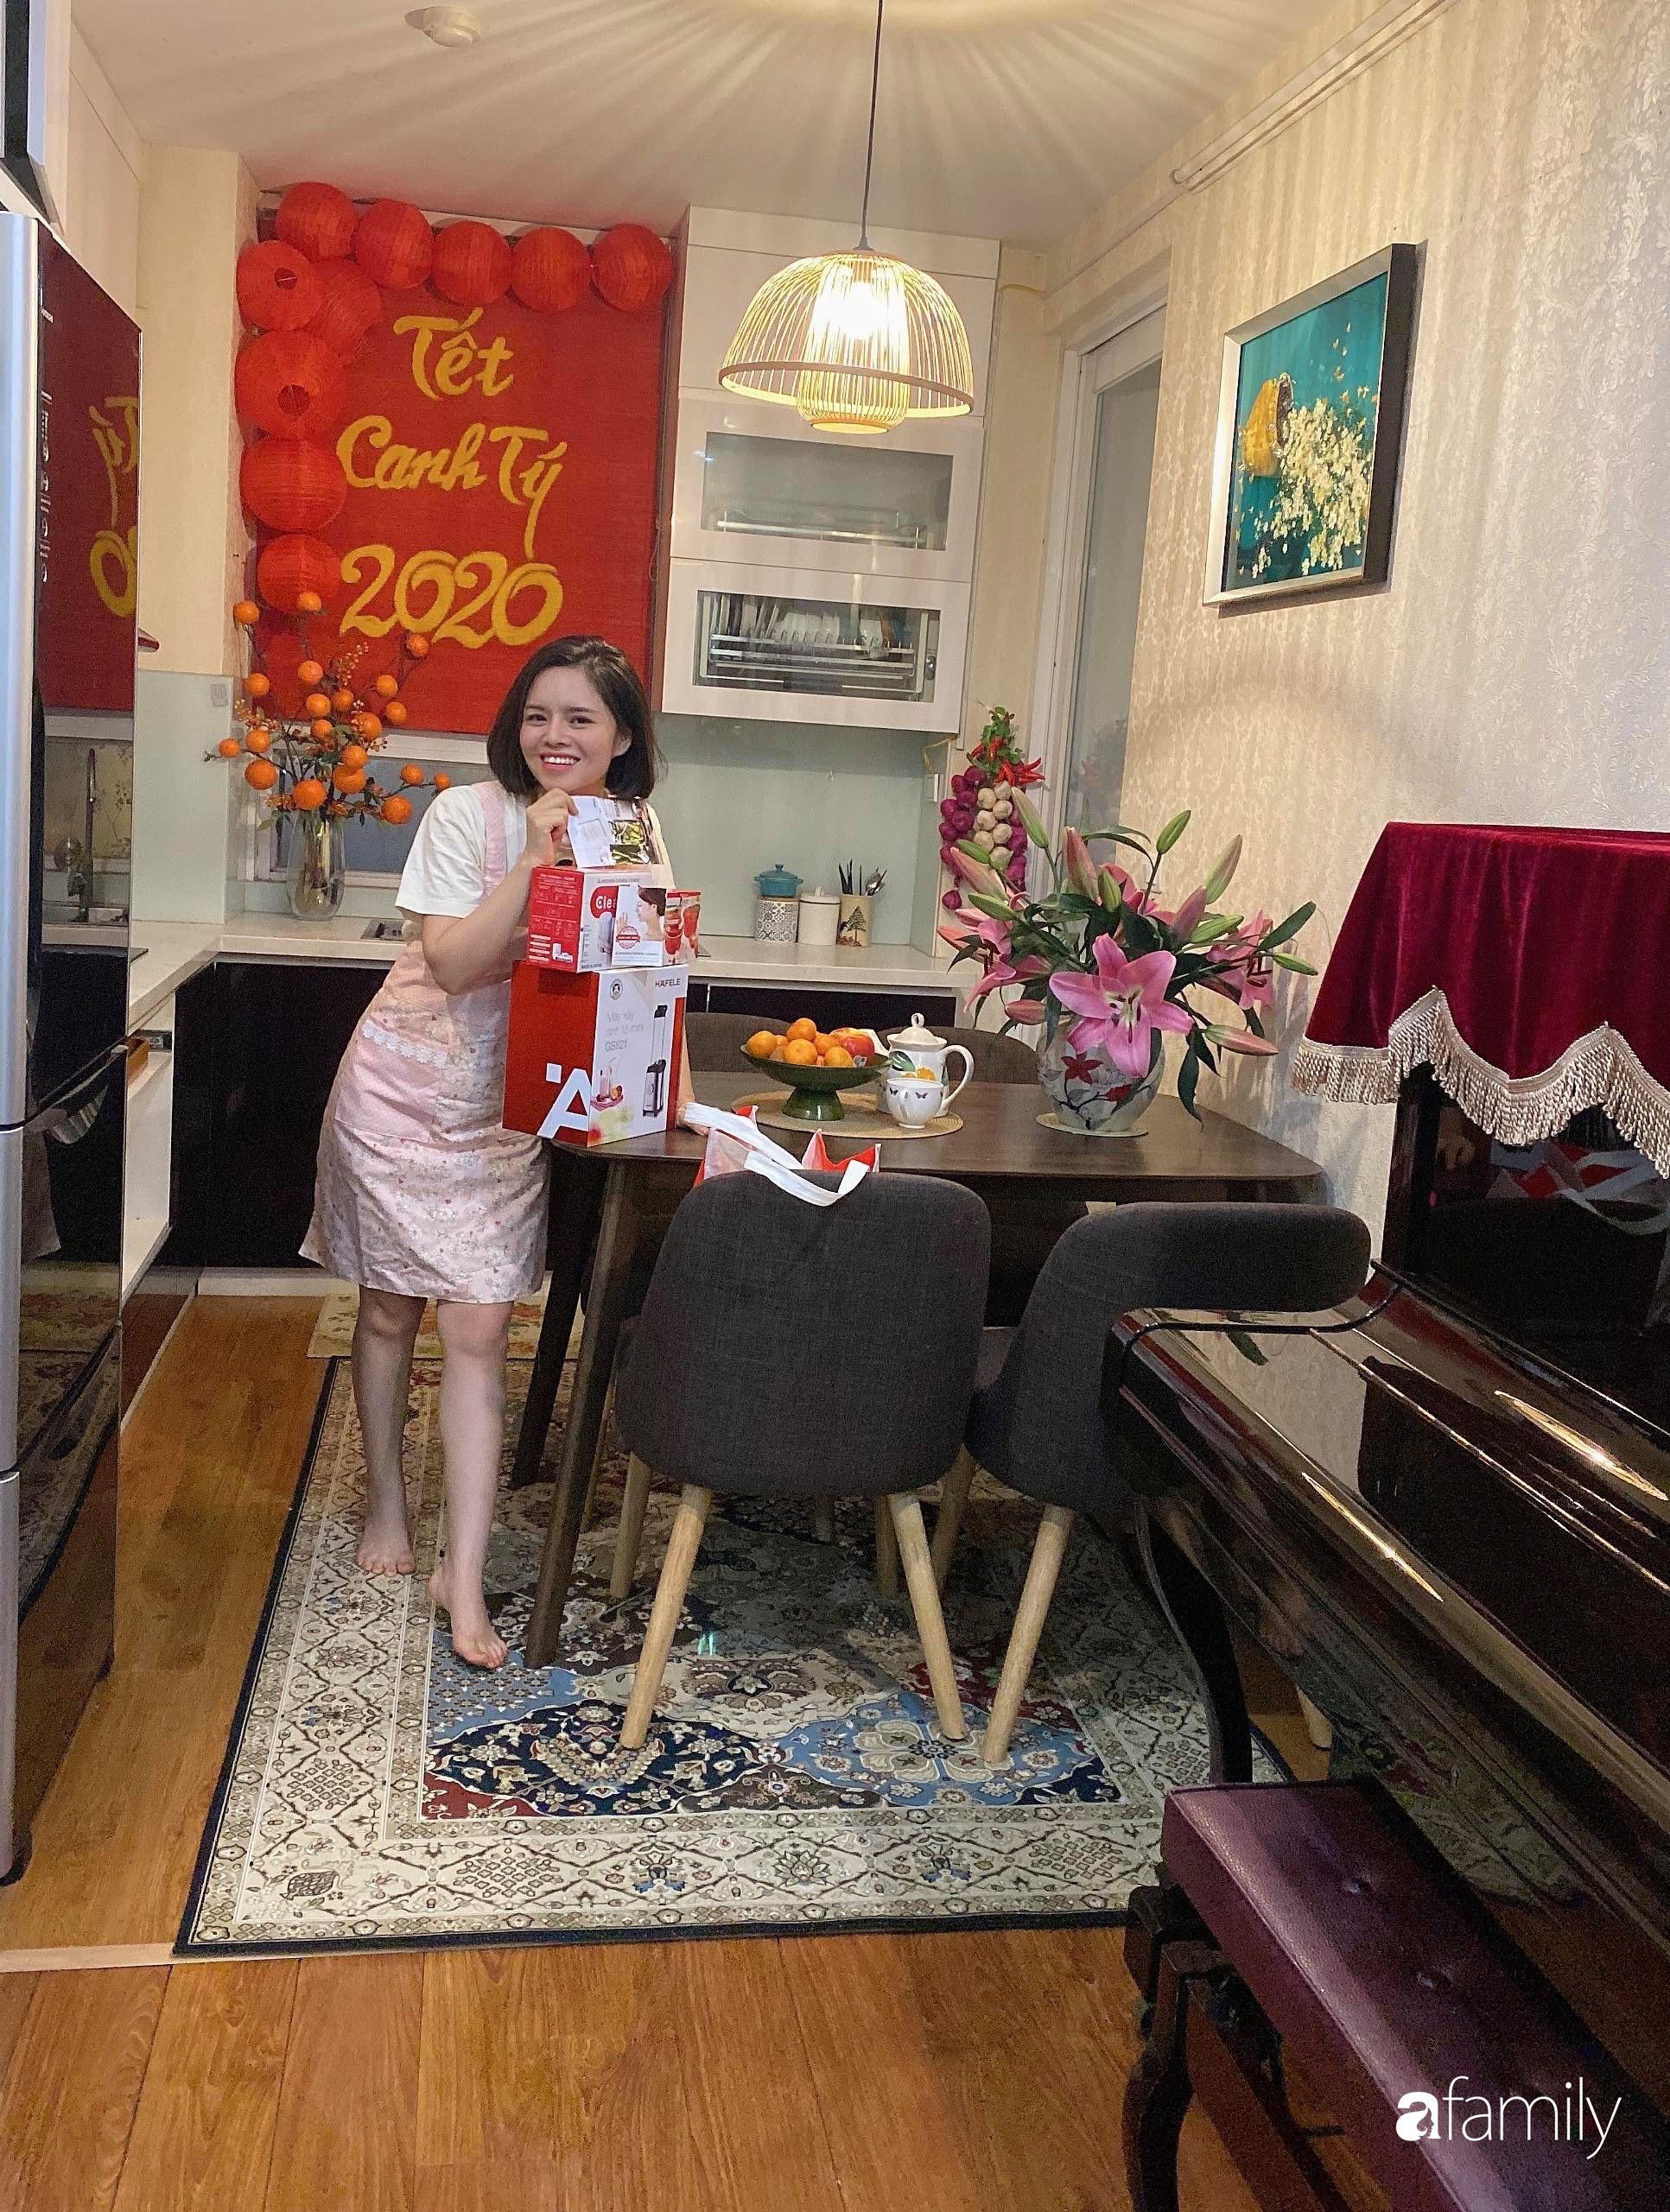 Căn hộ được điểm xuyết vẻ đẹp của ngày Tết truyền thống nhờ bàn tay khéo léo của mẹ trẻ xinh đẹp ở Long Biên, Hà Nội - Ảnh 2.